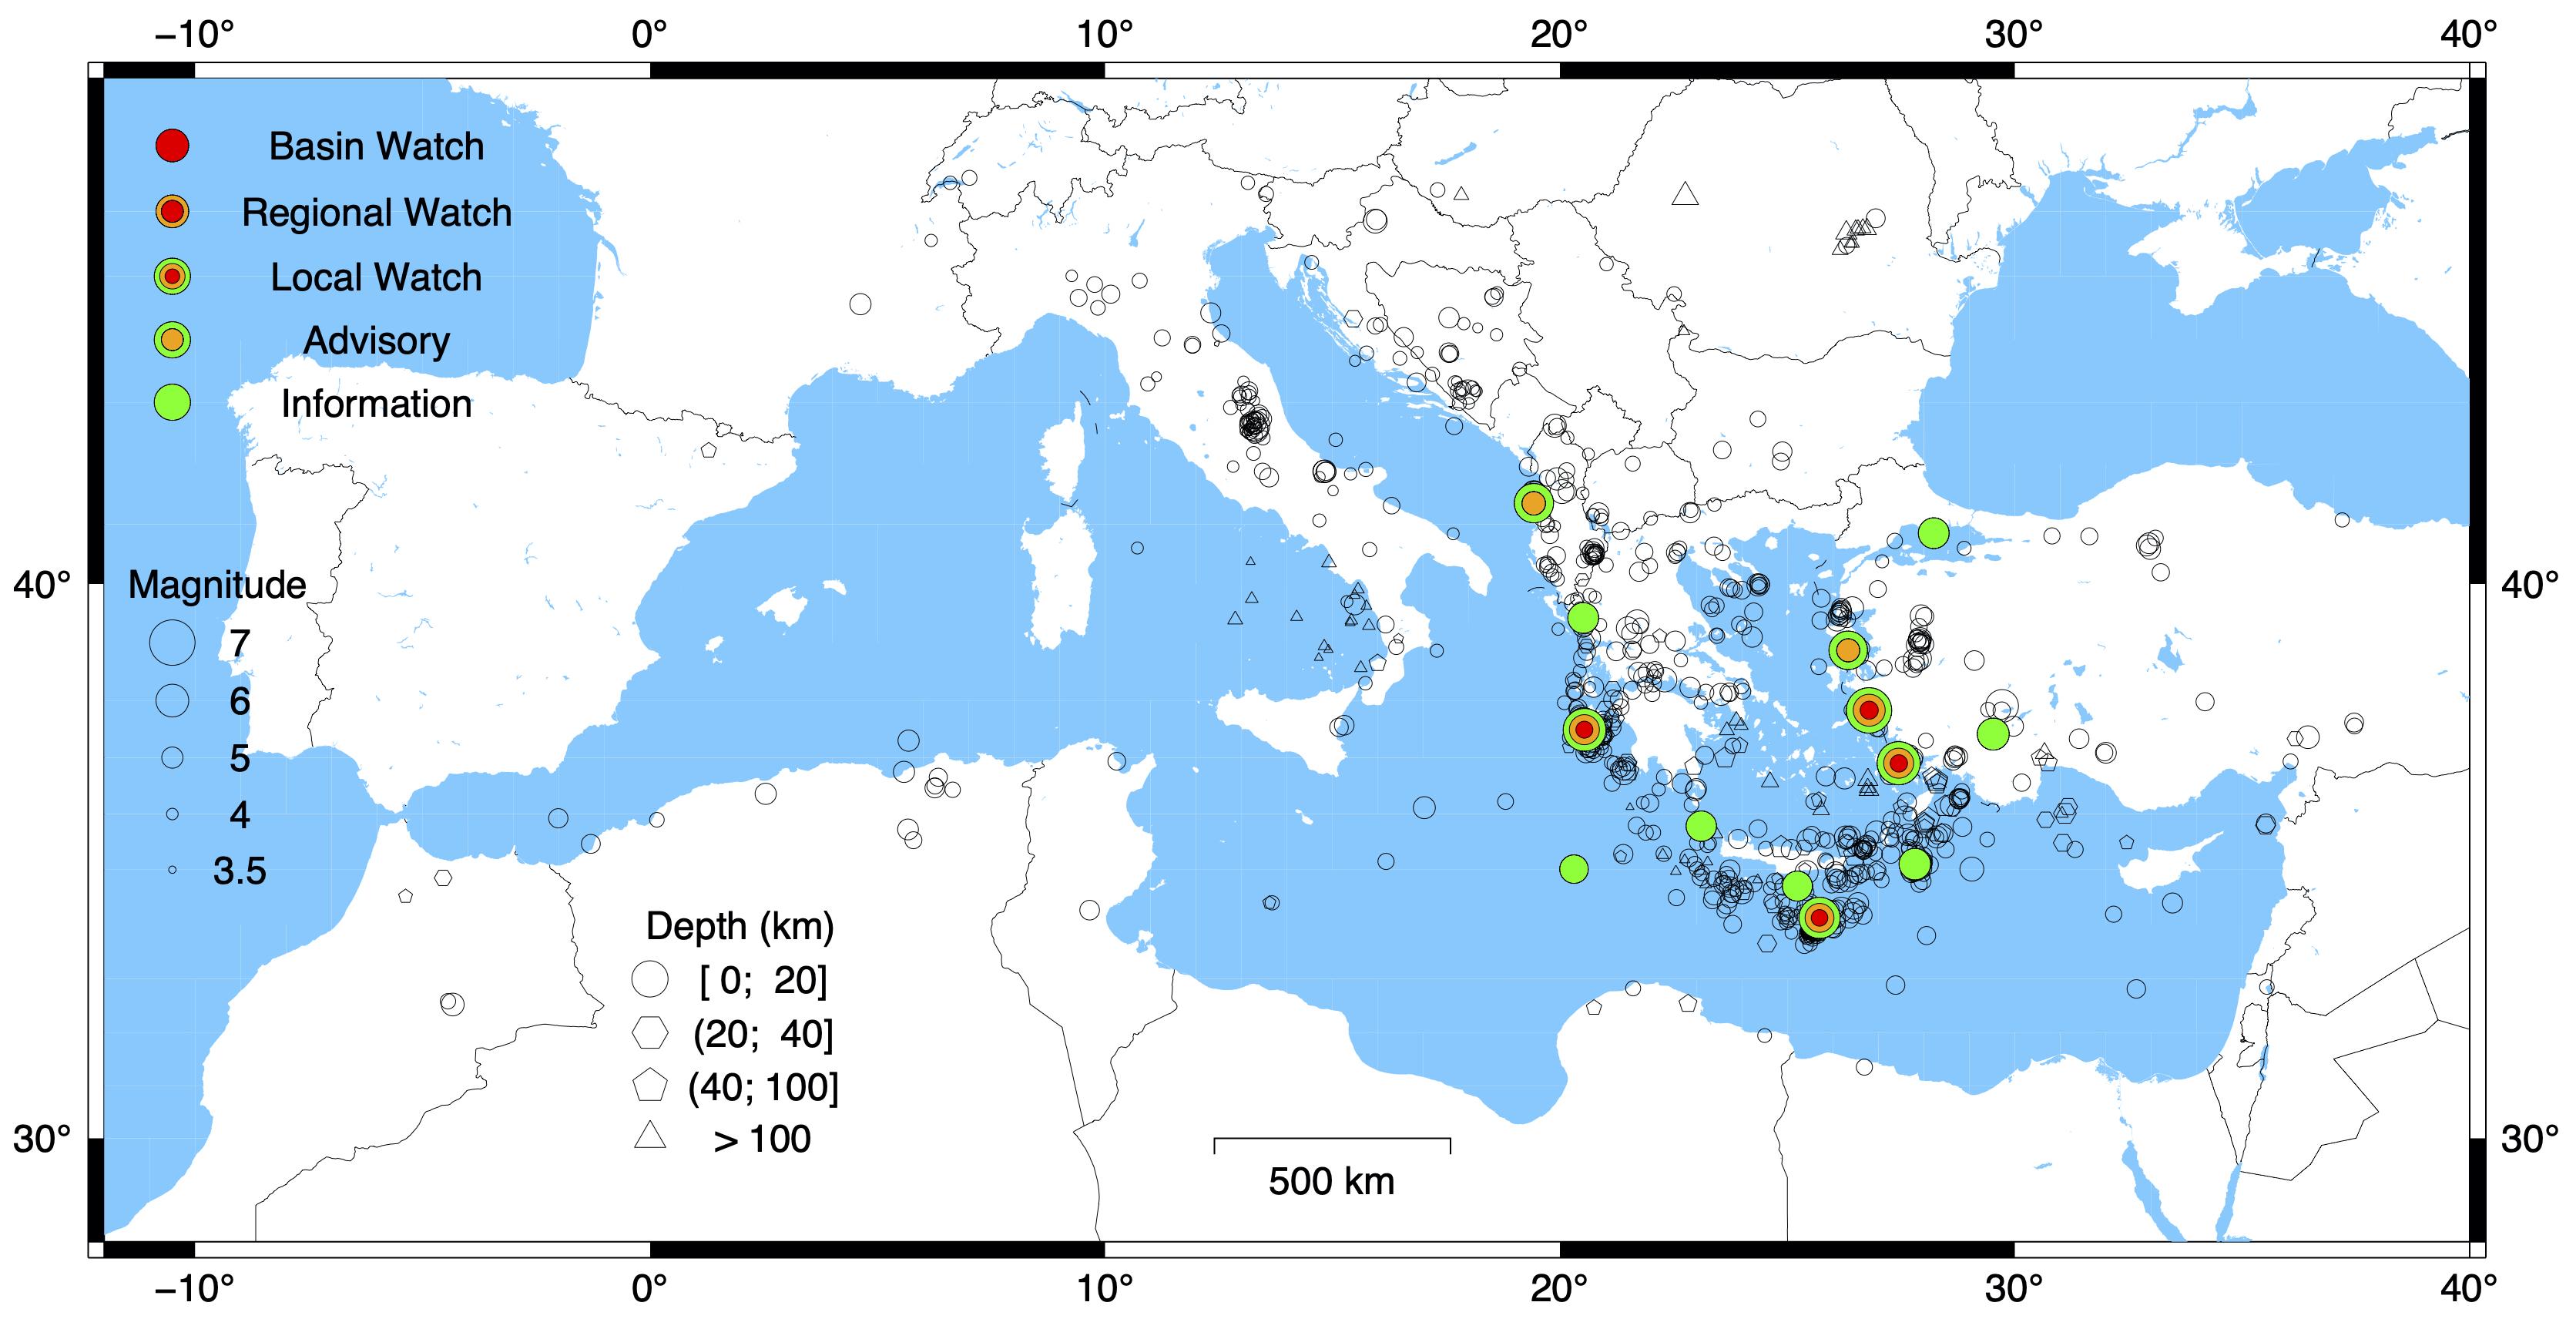 Epicentri dei terremoti del Mediterraneo dal 2017 al 2020 trattati nell'articolo di Amato et al. (2021). I simboli colorati indicano gli eventi sismici che hanno provocato l'attivazione del CAT, con vari gradi di severità (legenda a sinistra in mappa). Nel 2021 si sono verificati due eventi non presenti in mappa, uno al largo dell'Algeria (Advisory) e un altro nel Mare Adriatico, a largo della Croazia (Information).